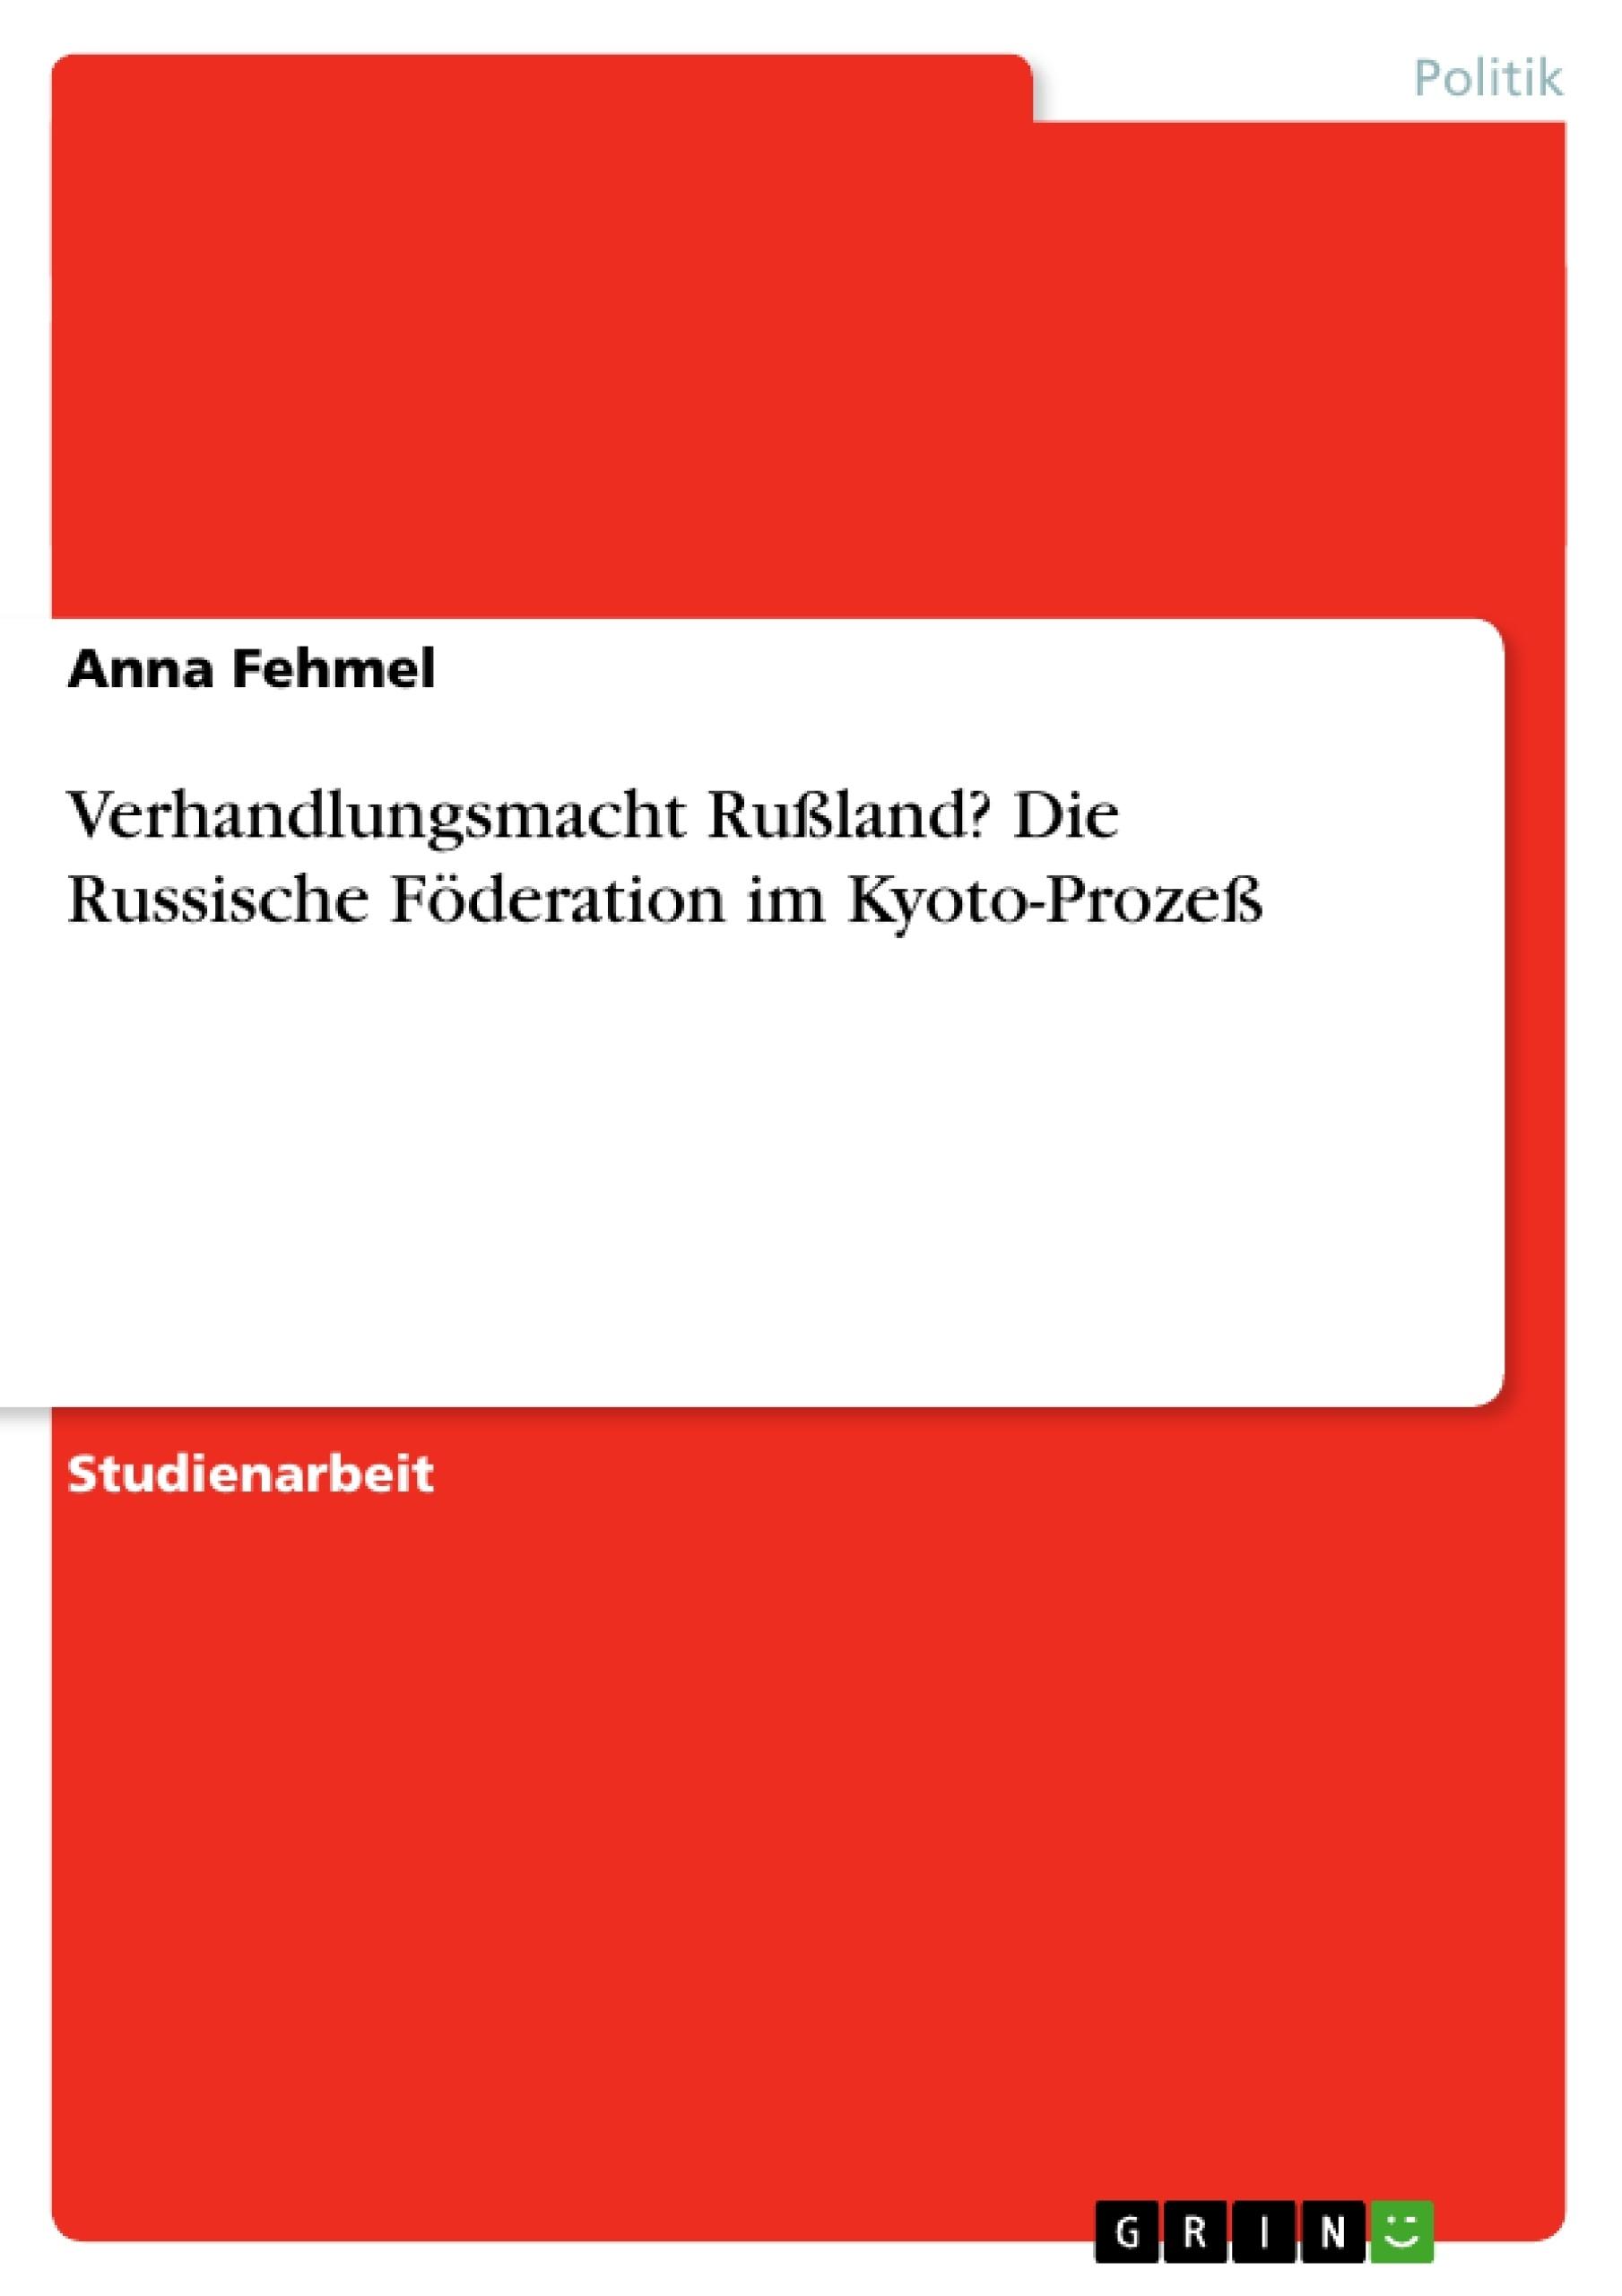 Titel: Verhandlungsmacht Rußland? Die Russische Föderation im Kyoto-Prozeß